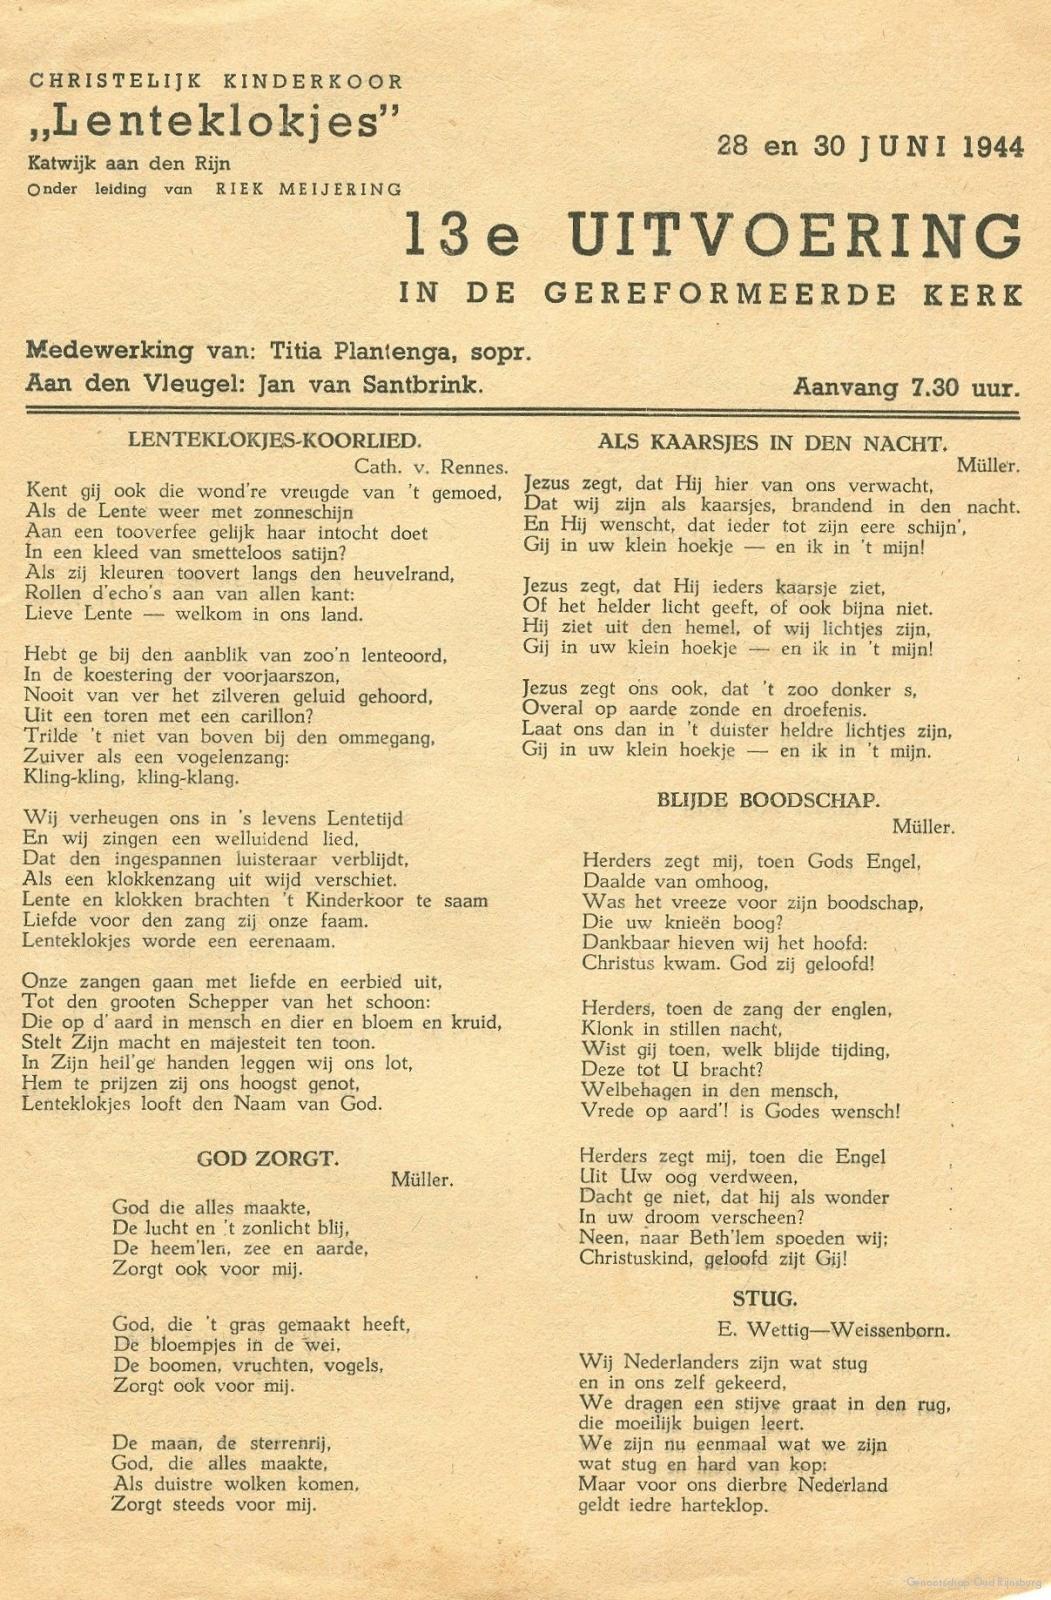 Een aankondiging voor een uitvoering van de Lenteklokjes in 1944.